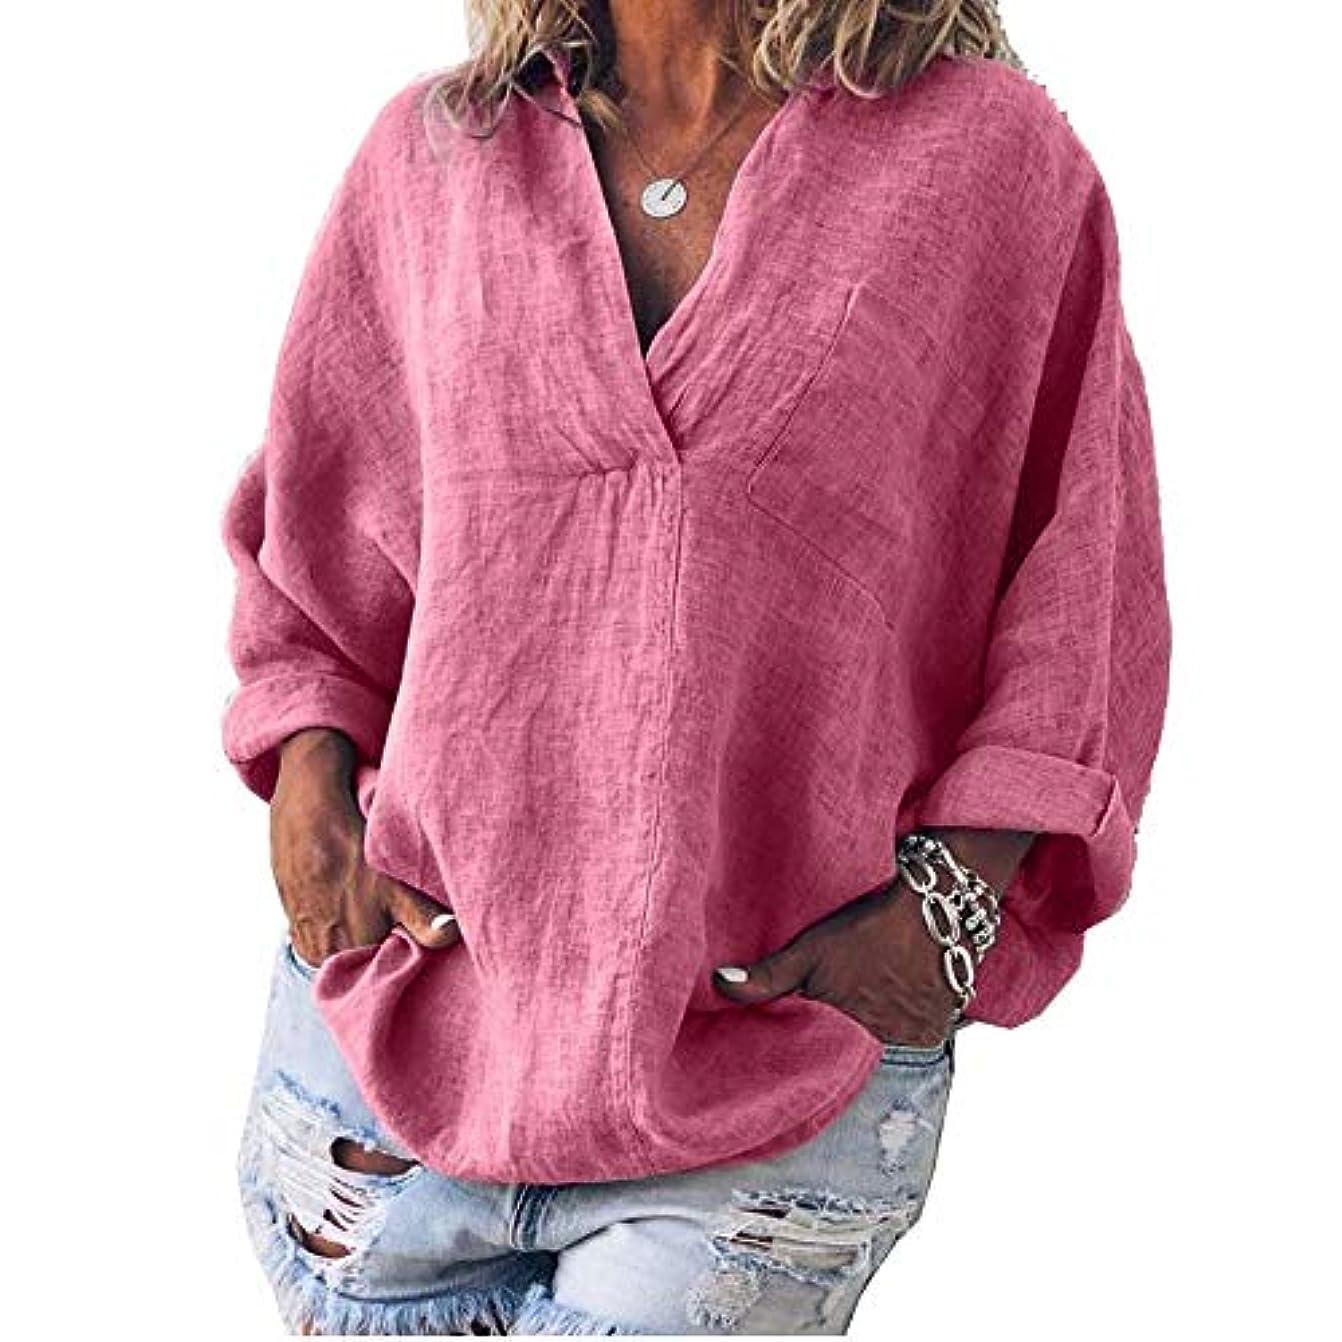 ロータリー台無しに思想MIFAN女性ファッション春夏チュニックトップス深いVネックTシャツ長袖プルオーバールーズリネンブラウス